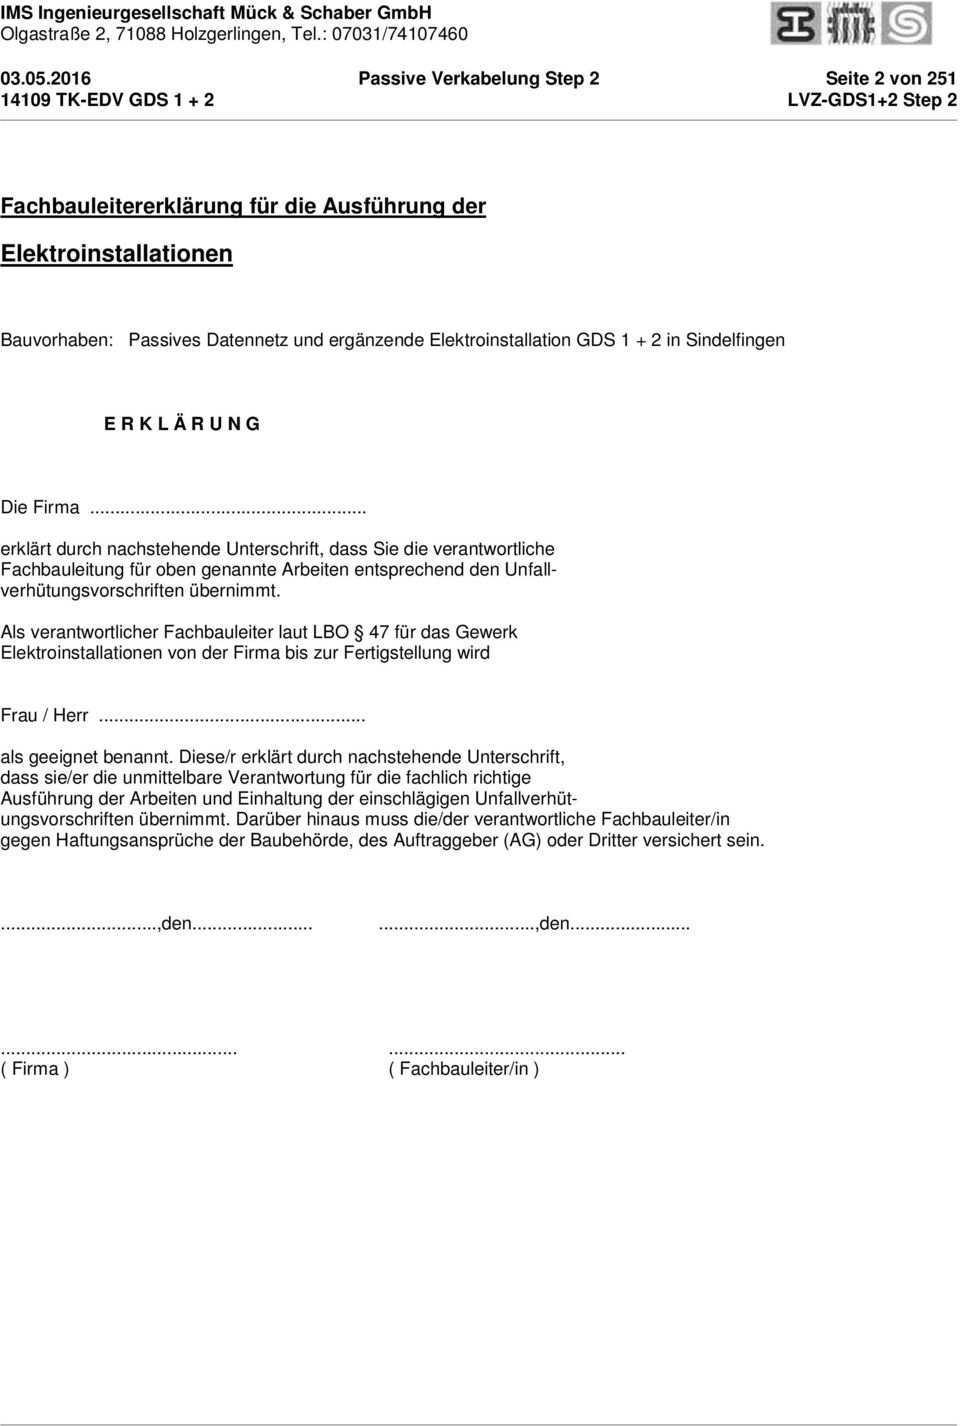 Leistungsverzeichnis Passives Datennetz Und Erganzende Elektroinstallation Gds Step 2 Ingenieurgesellschaft Muck Schaber Gmbh Pdf Kostenfreier Download